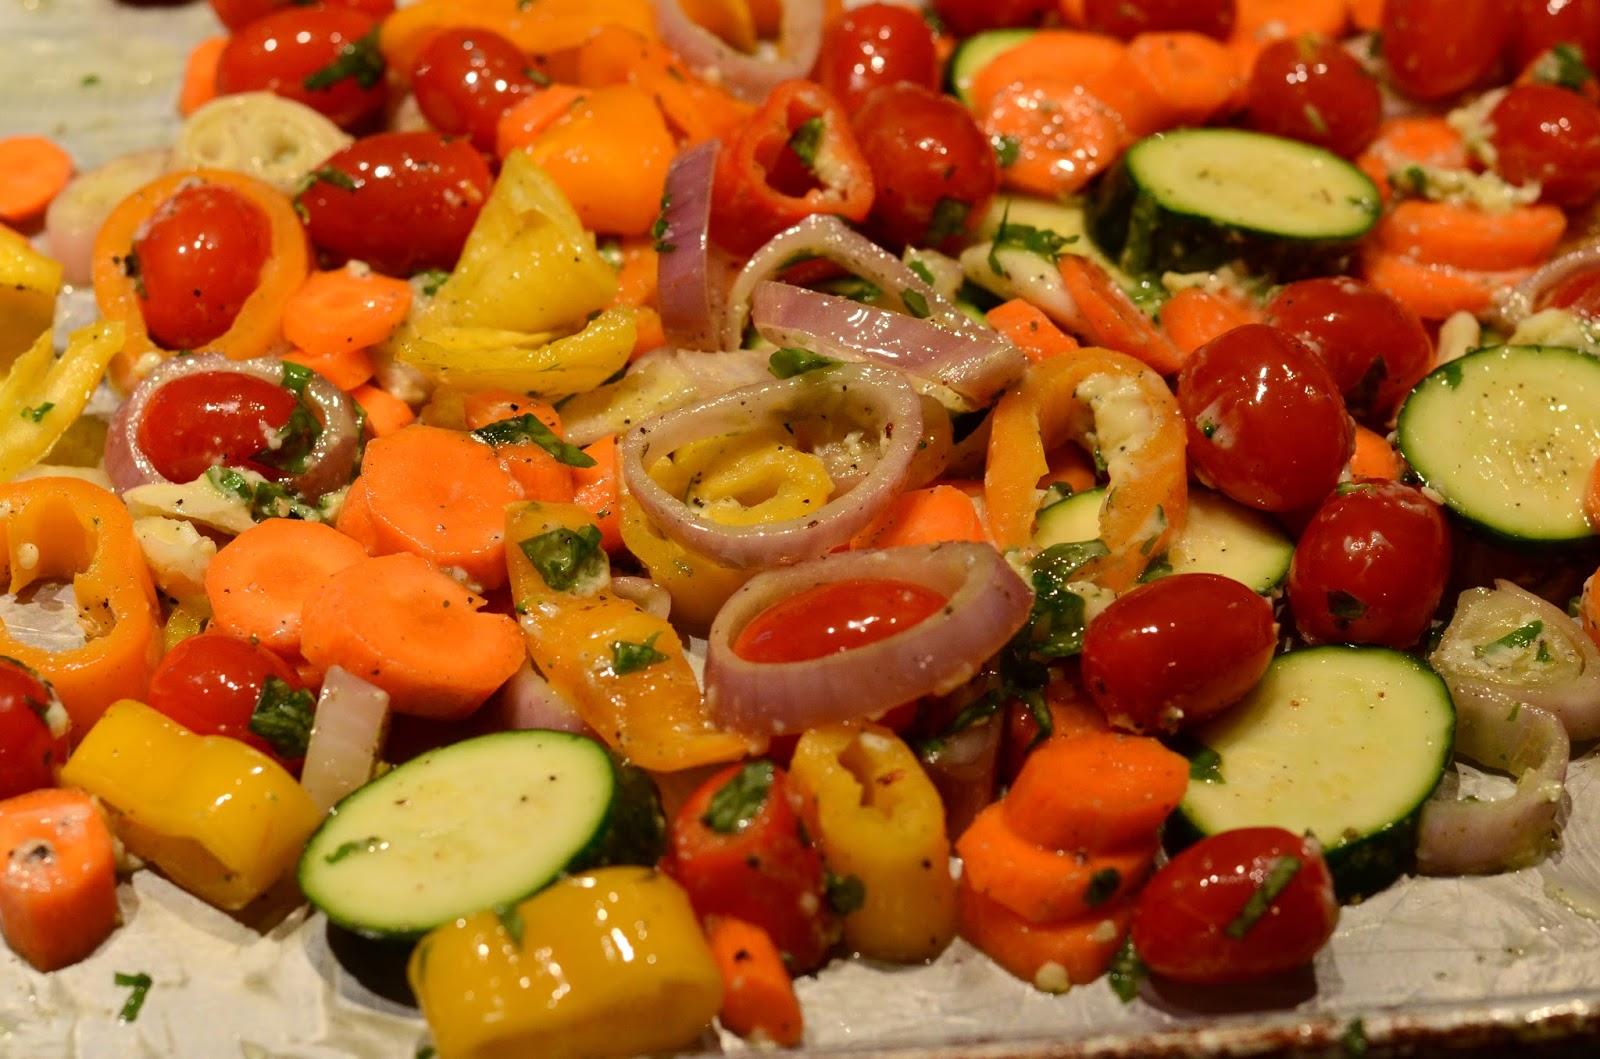 Food for Flicks: Oven Roasted Vegetables